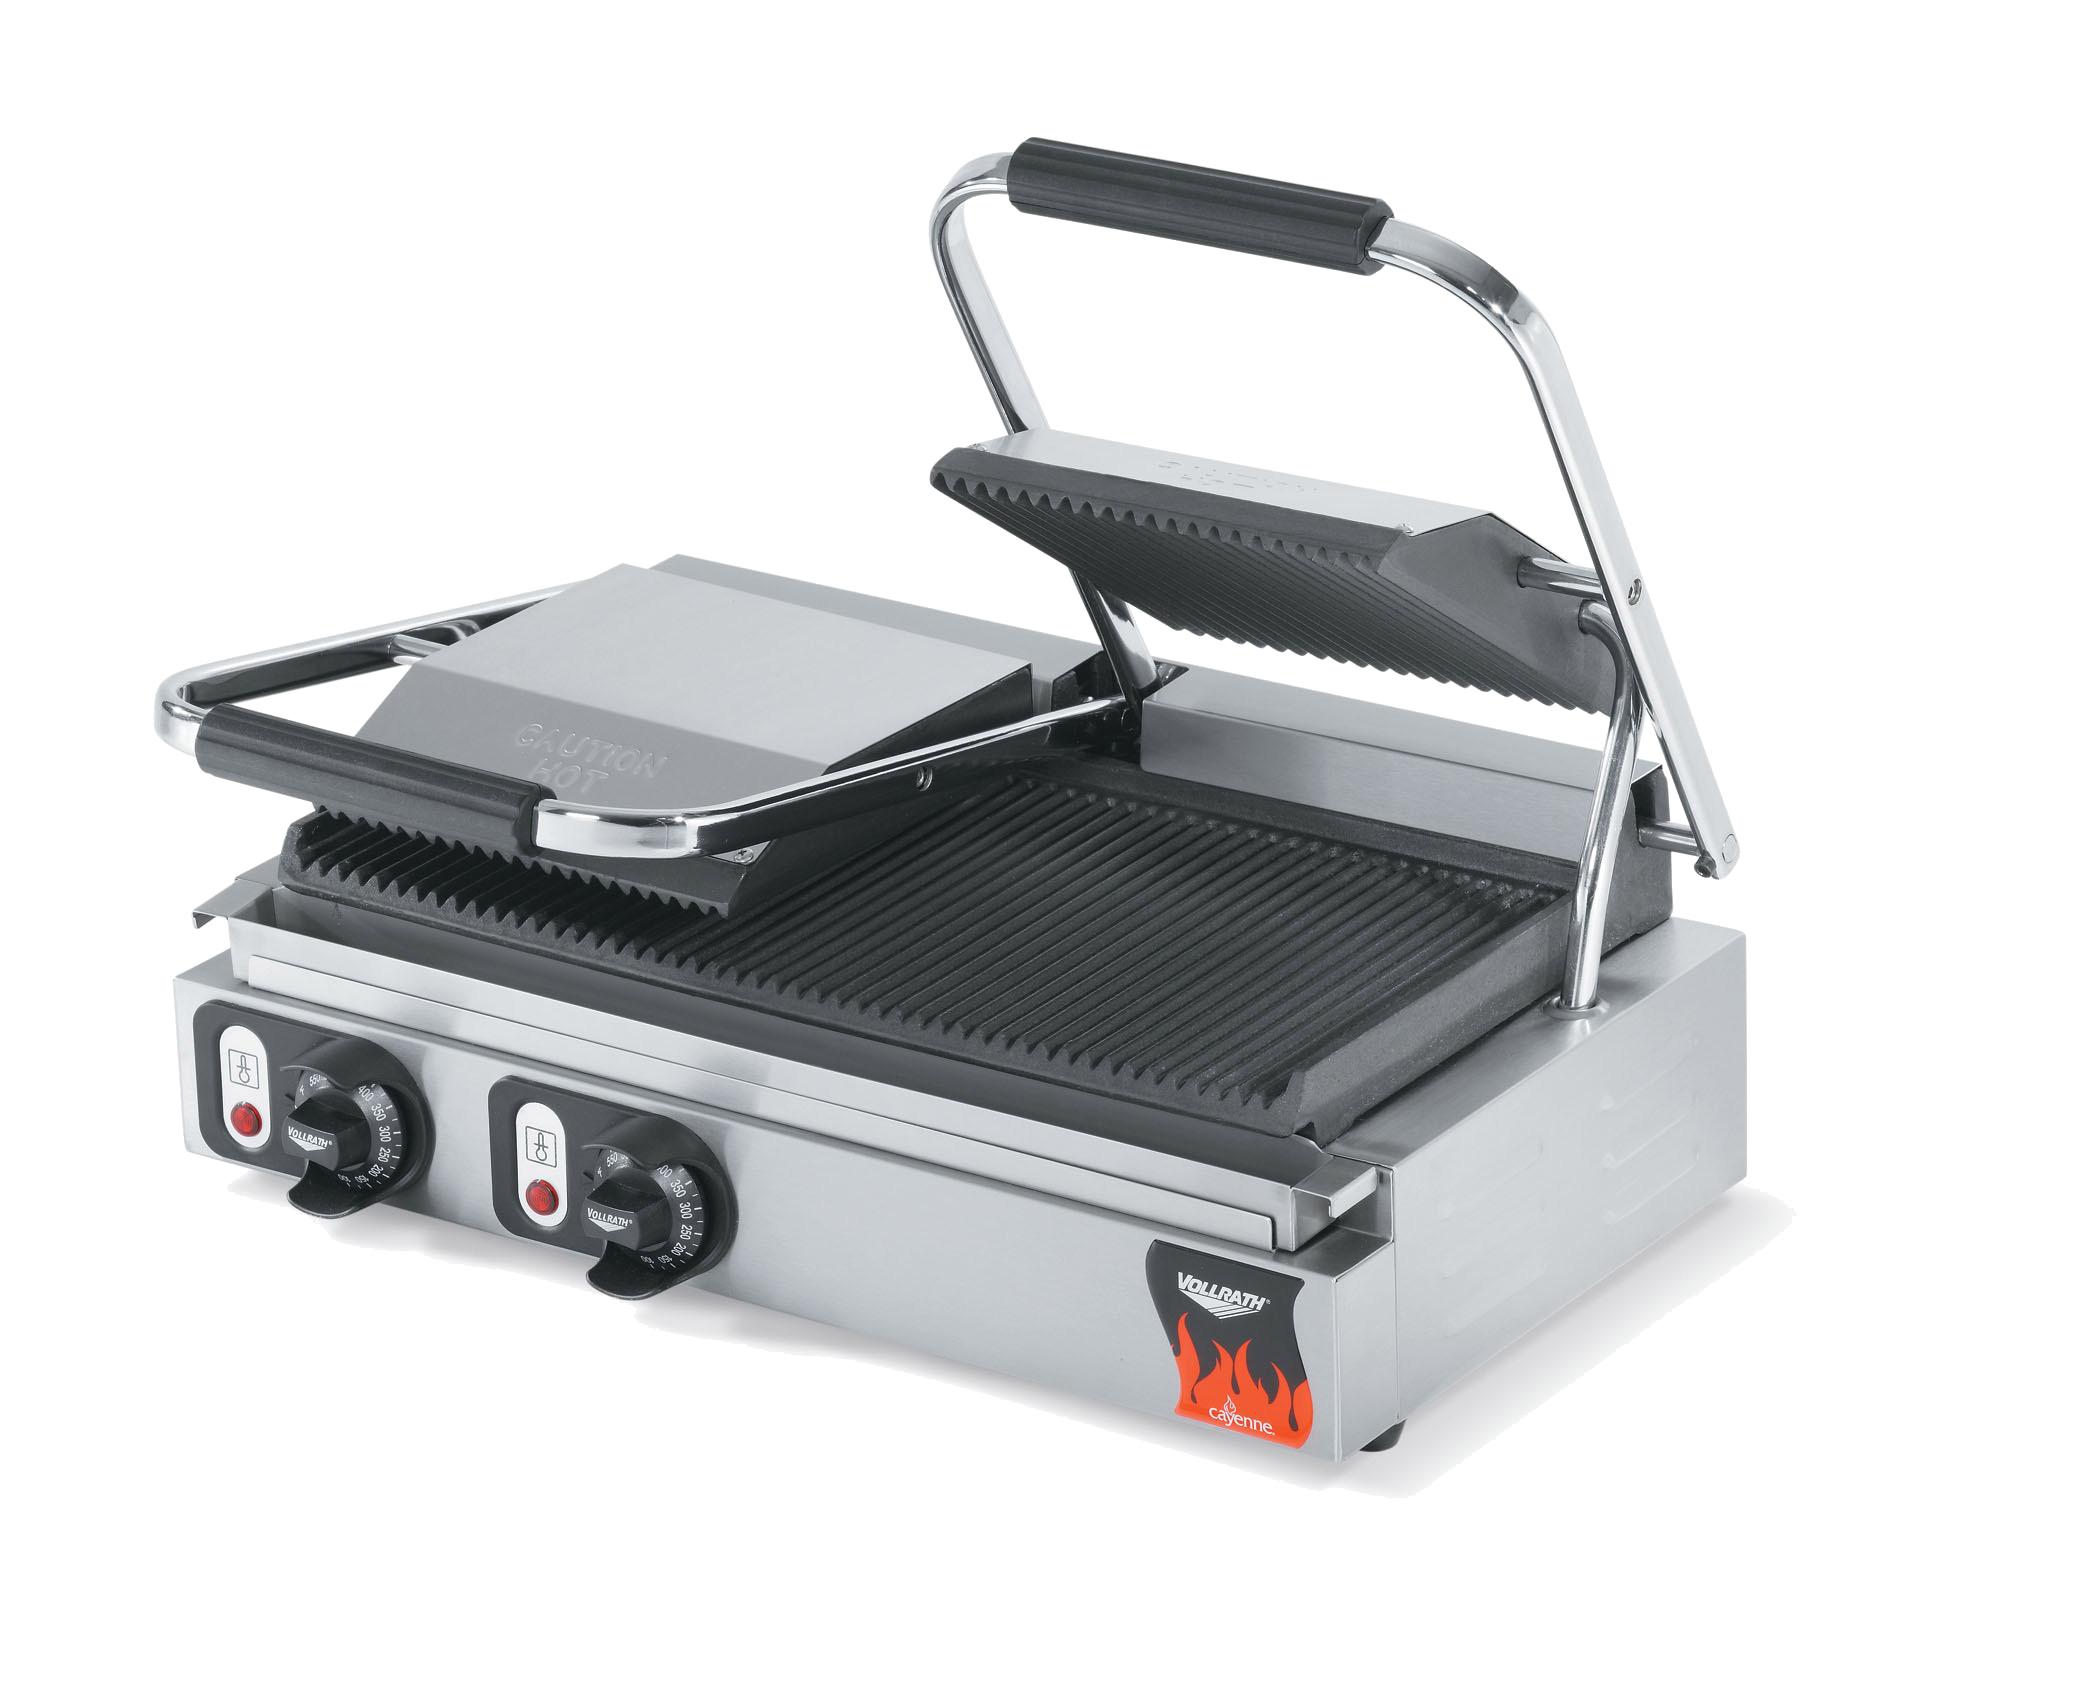 Vollrath 40795-C sandwich / panini grill